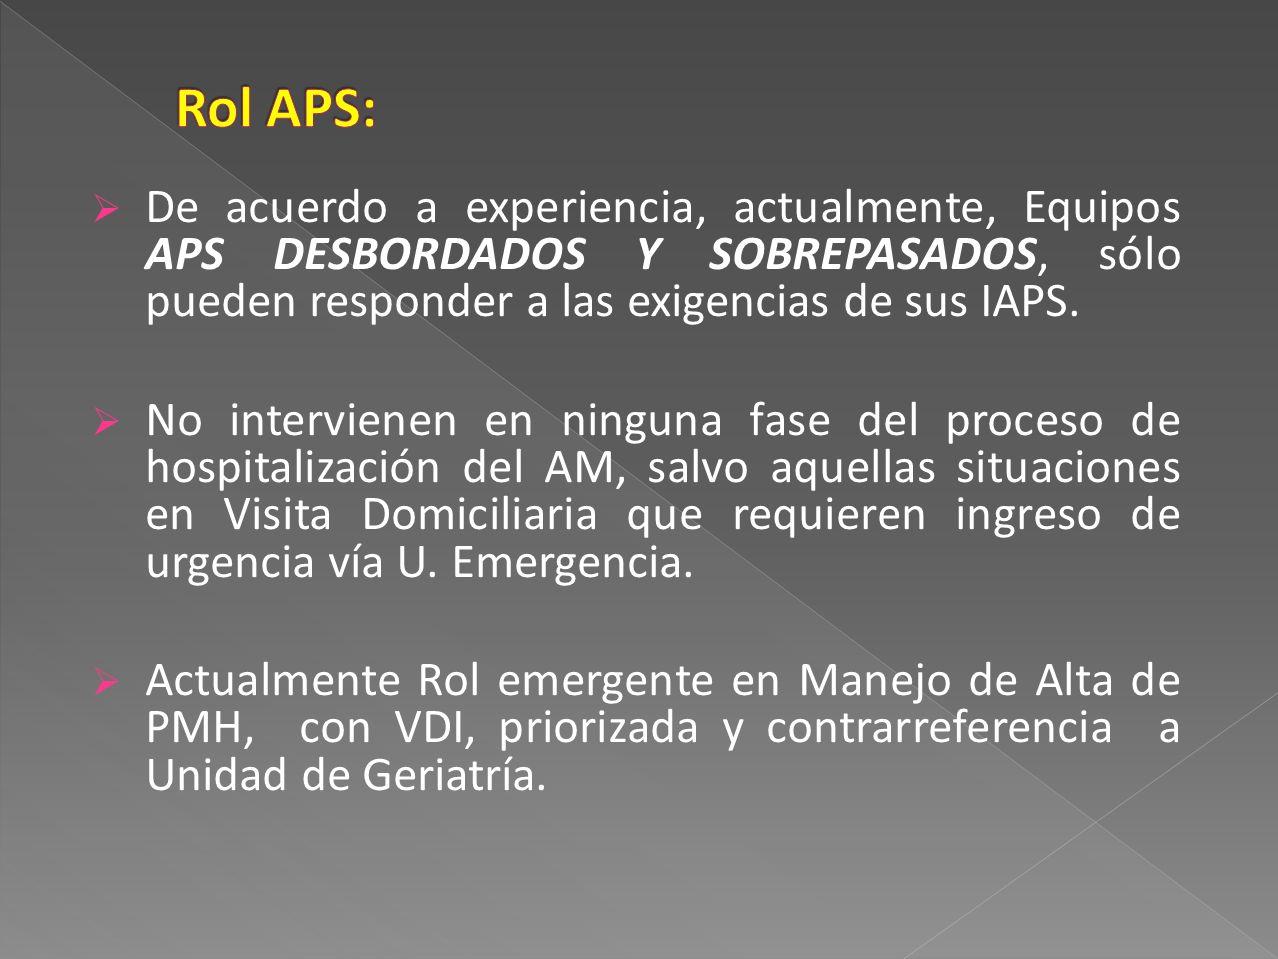 Rol APS: De acuerdo a experiencia, actualmente, Equipos APS DESBORDADOS Y SOBREPASADOS, sólo pueden responder a las exigencias de sus IAPS.